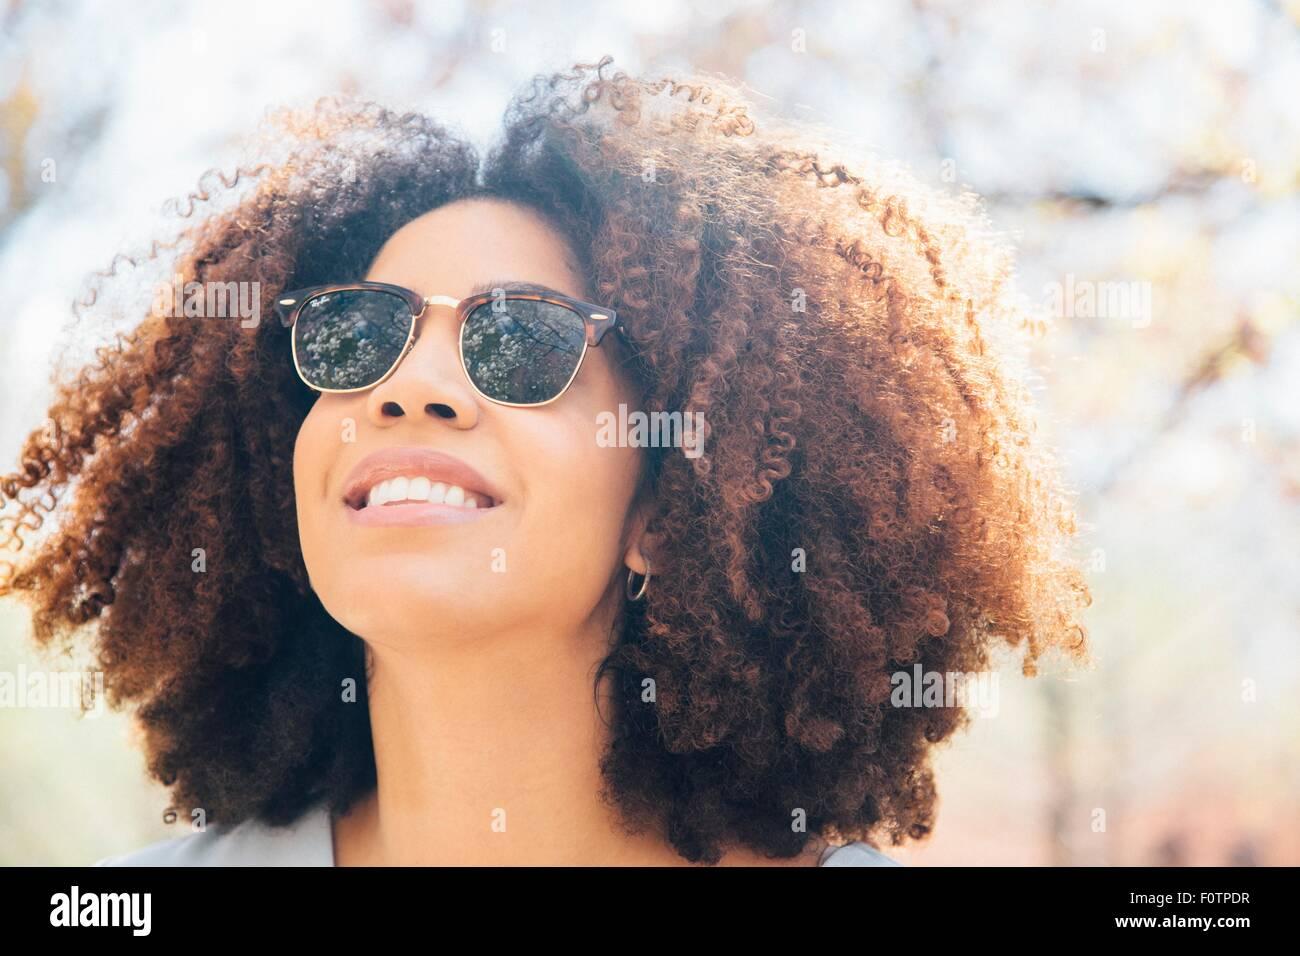 Close Up retrato de mediados de mujer adulta, con gafas de sol, sonriendo, mirando lejos Imagen De Stock